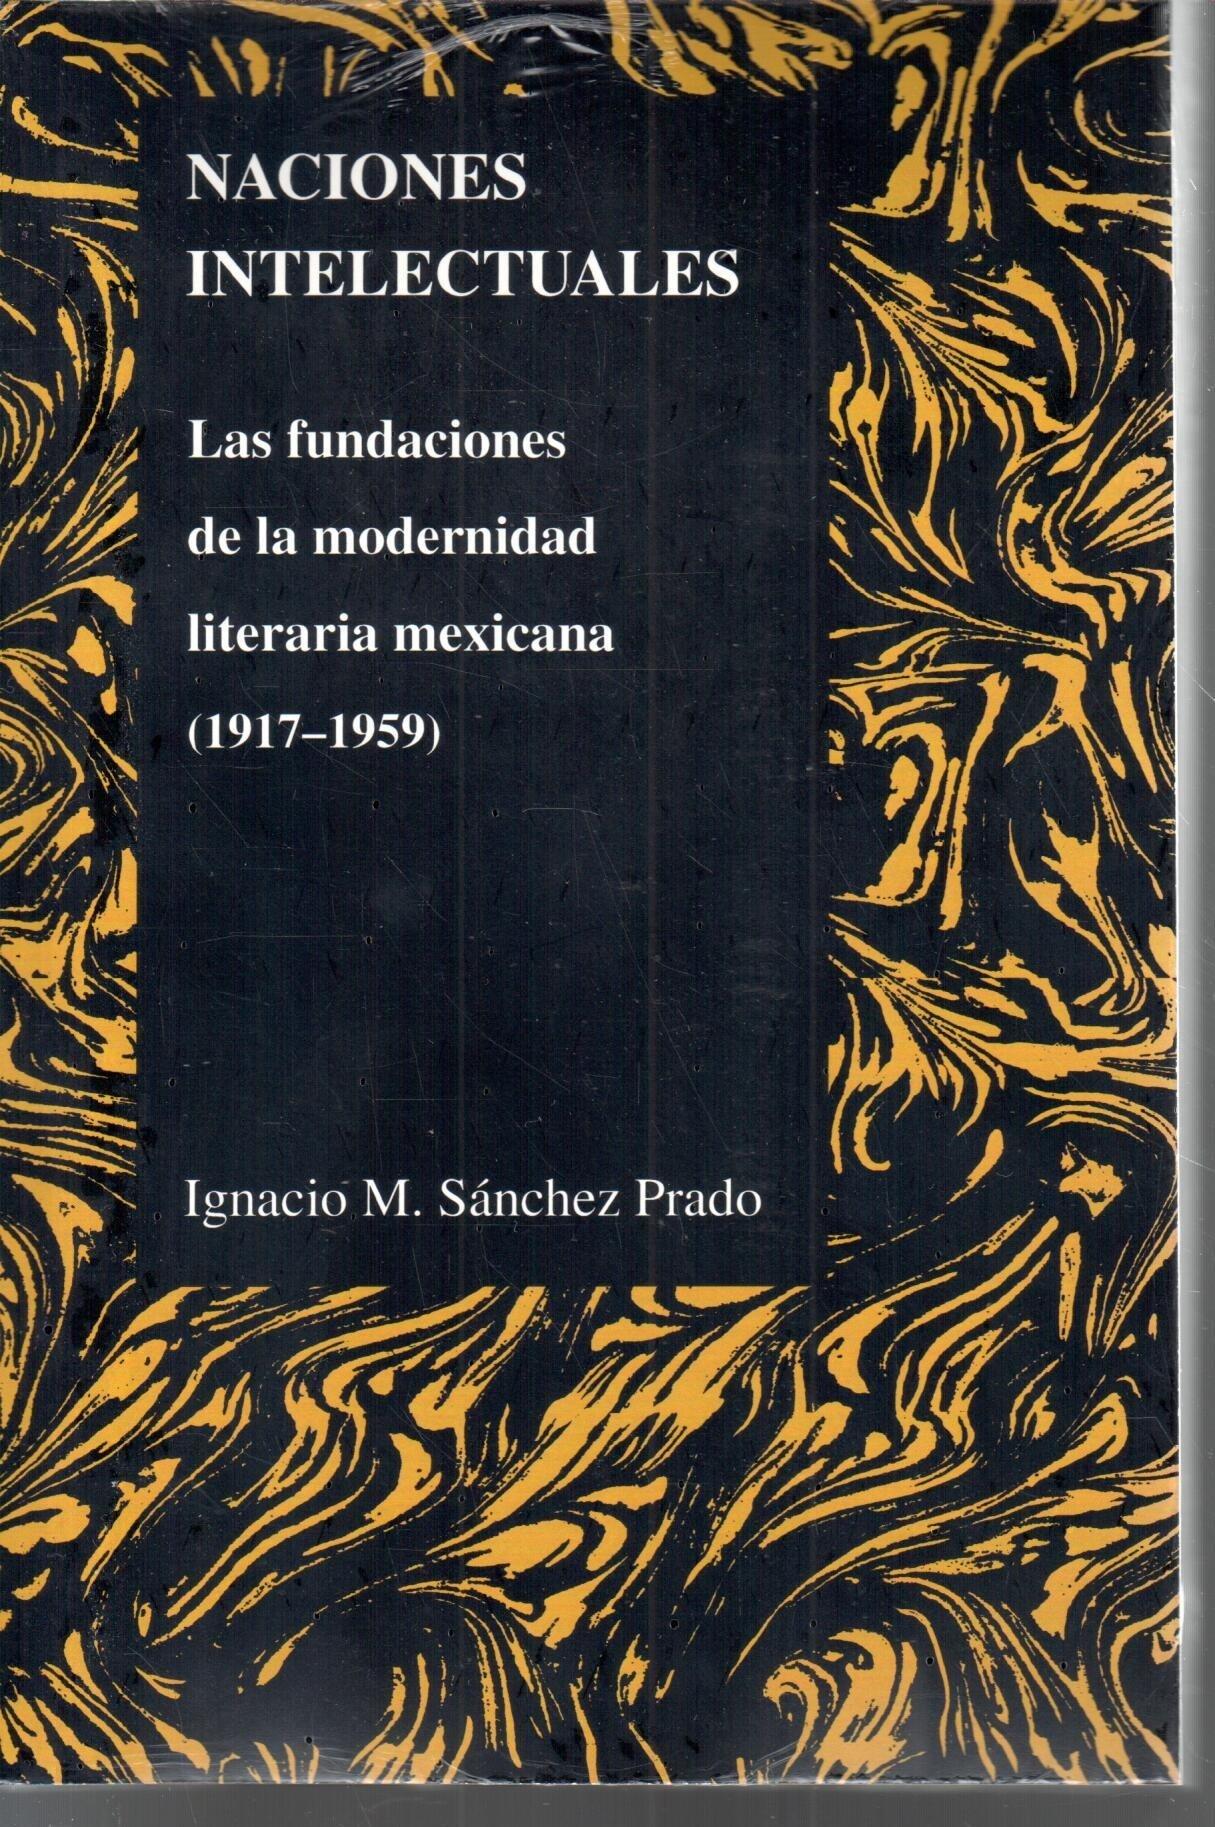 Naciones Intelectuales: Las Fundaciones De La Modernidad Literaria Mexicana (1917-1959) (Purdue Studies in Romance Literatures) (Spanish Edition) (Spanish) ...